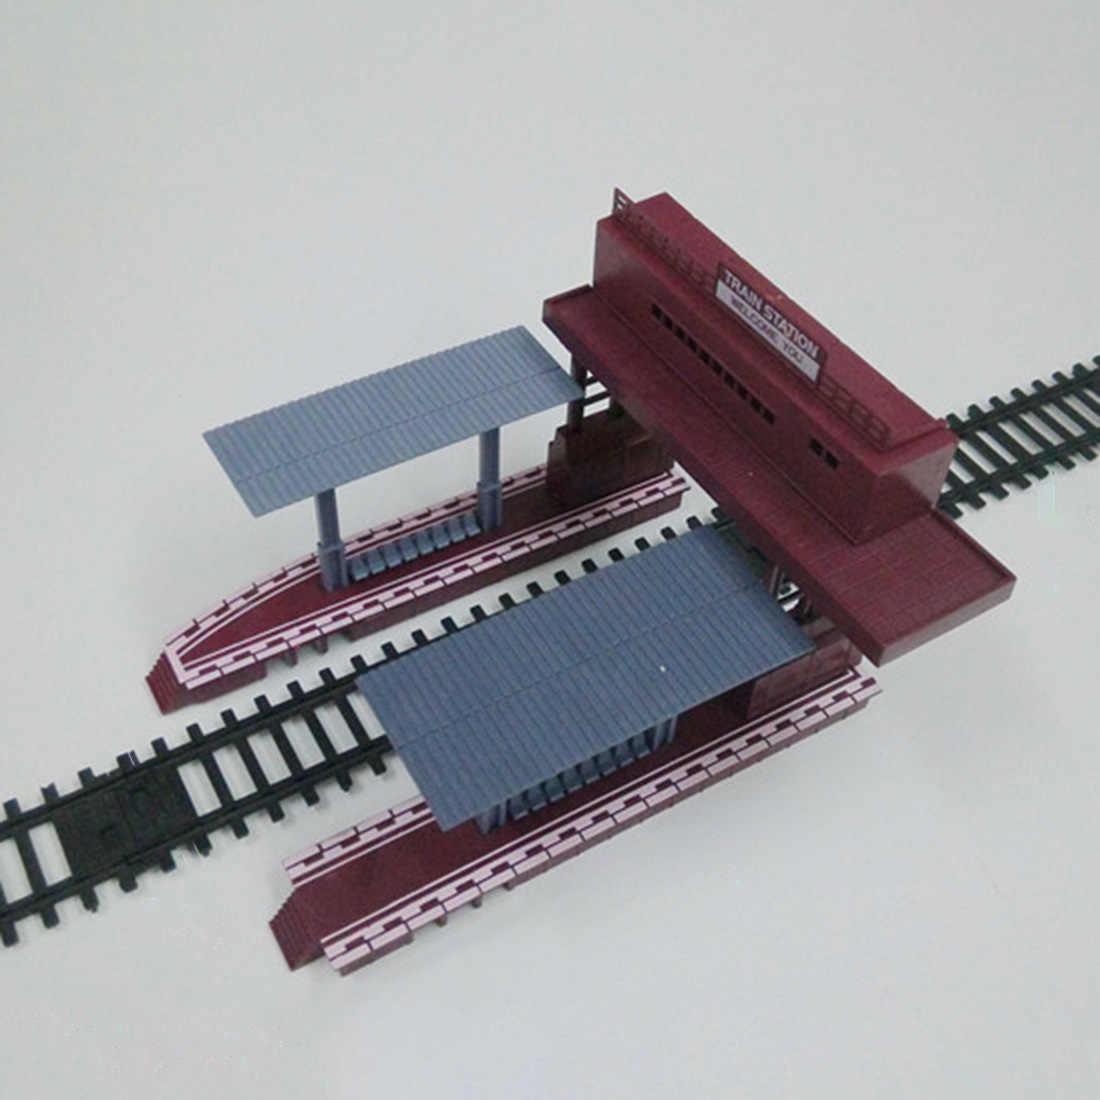 1: 87 escala ho cena ferroviária modelo de estação de decoração para a construção de mesa de areia